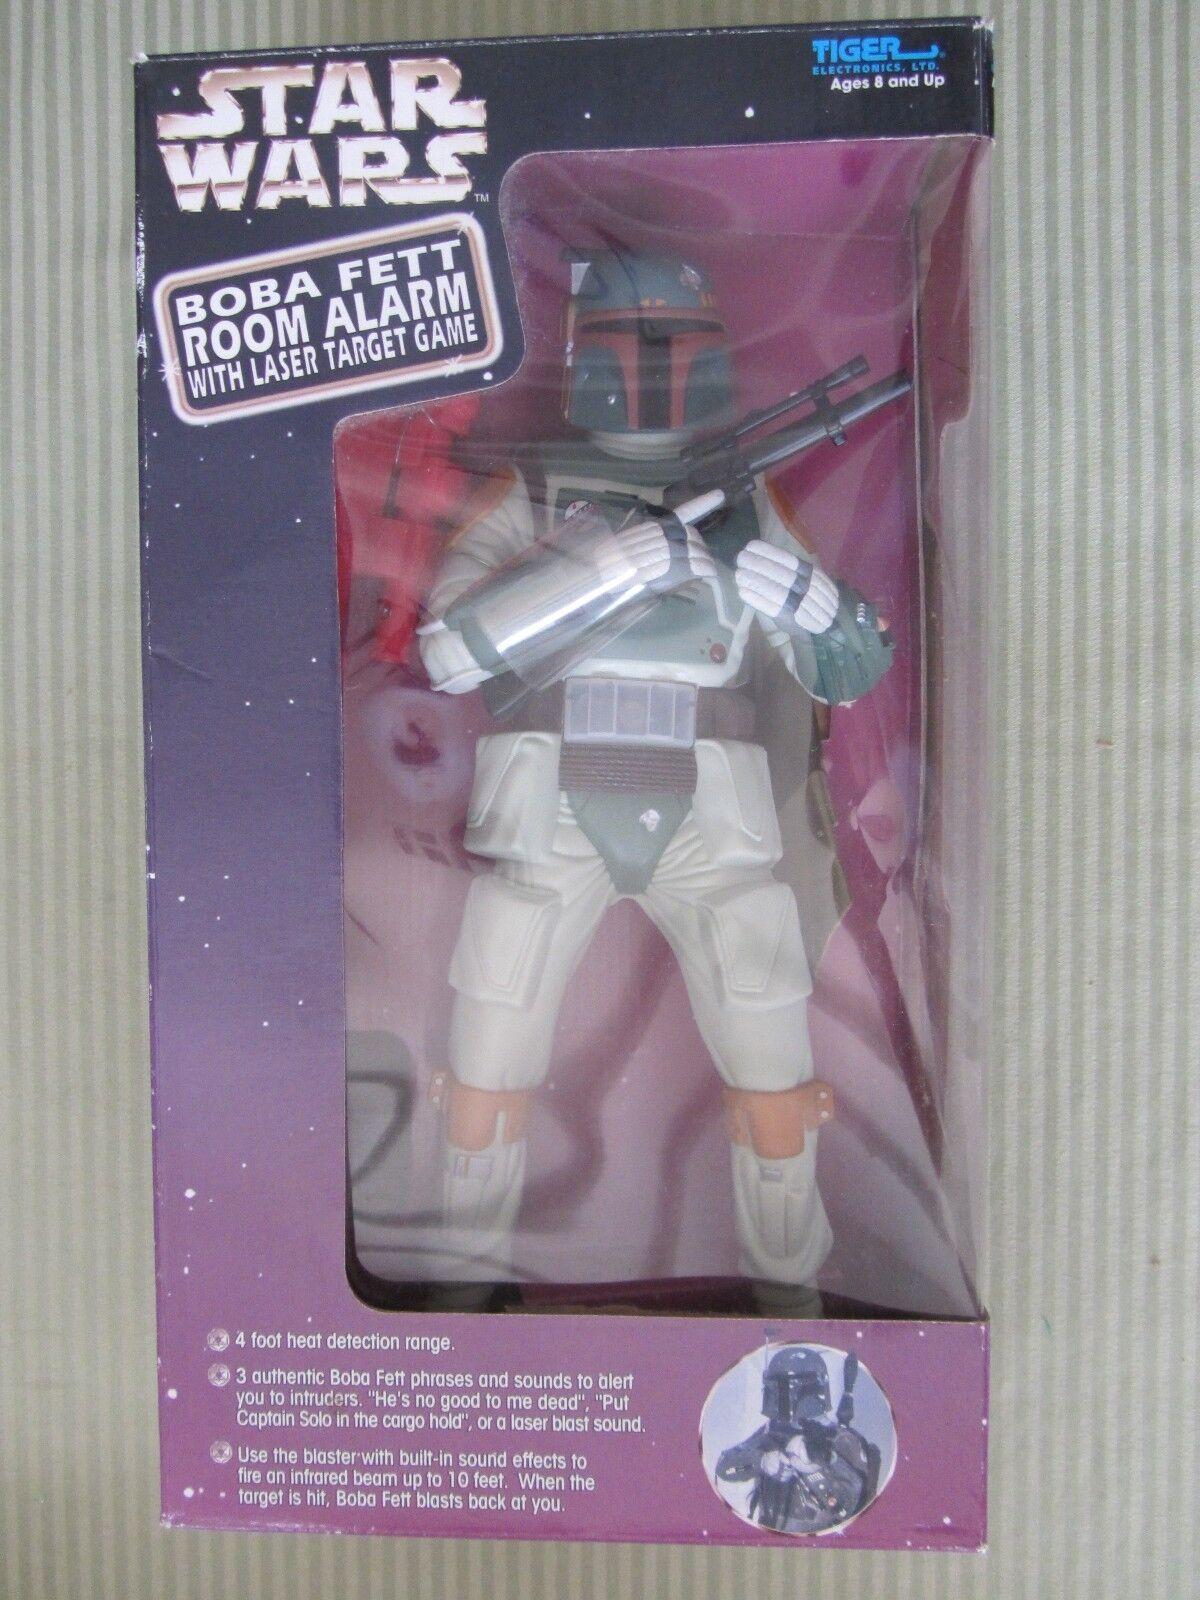 Star Wars Boba Fett Room Alarm w  Laser  Target Game nouveau in box - Tiger 1998  obtenir la dernière